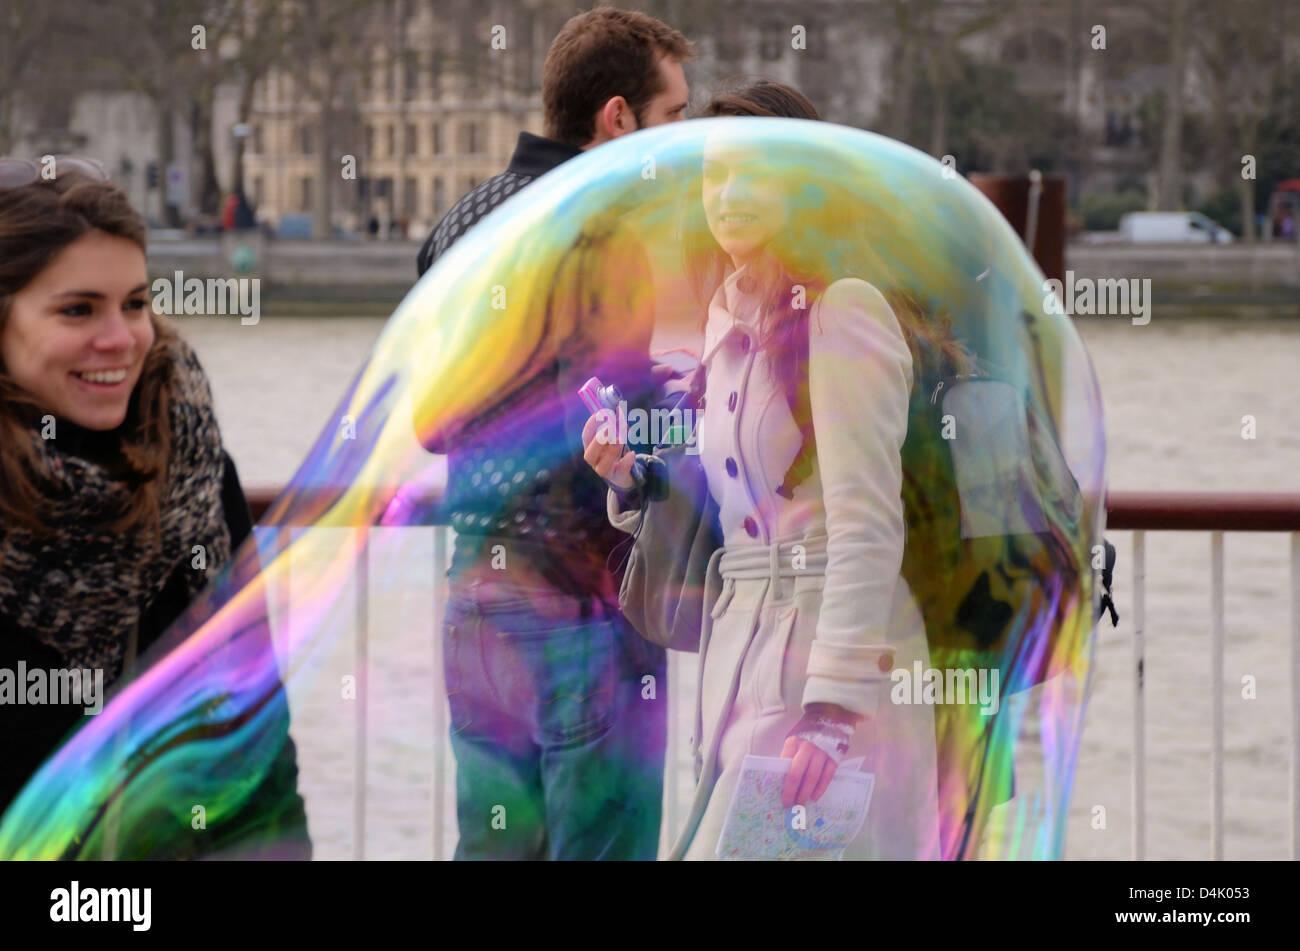 Une grosse bulle crée des effets autour de la marche des femmes alors qu'une autre fille regarde sur heureusement Photo Stock